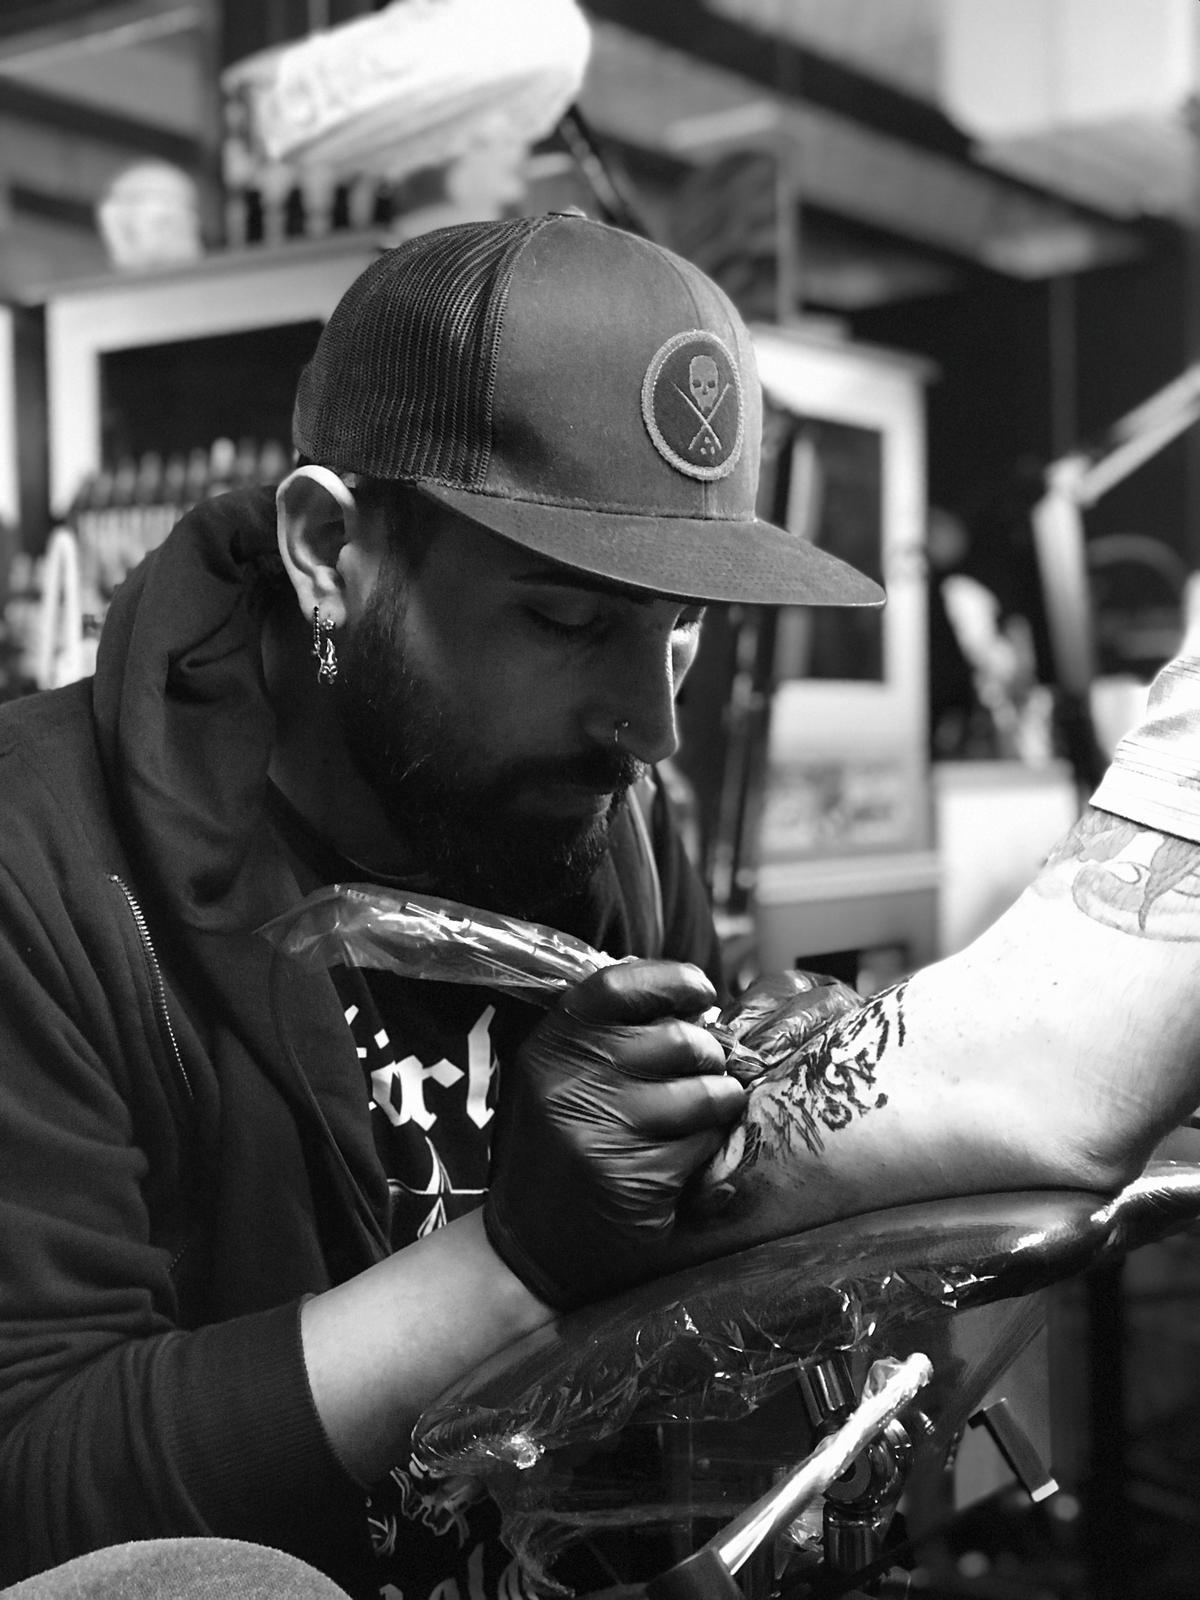 Ünlü Dövme Sanatçısı Atalay Gölge Kimdir?